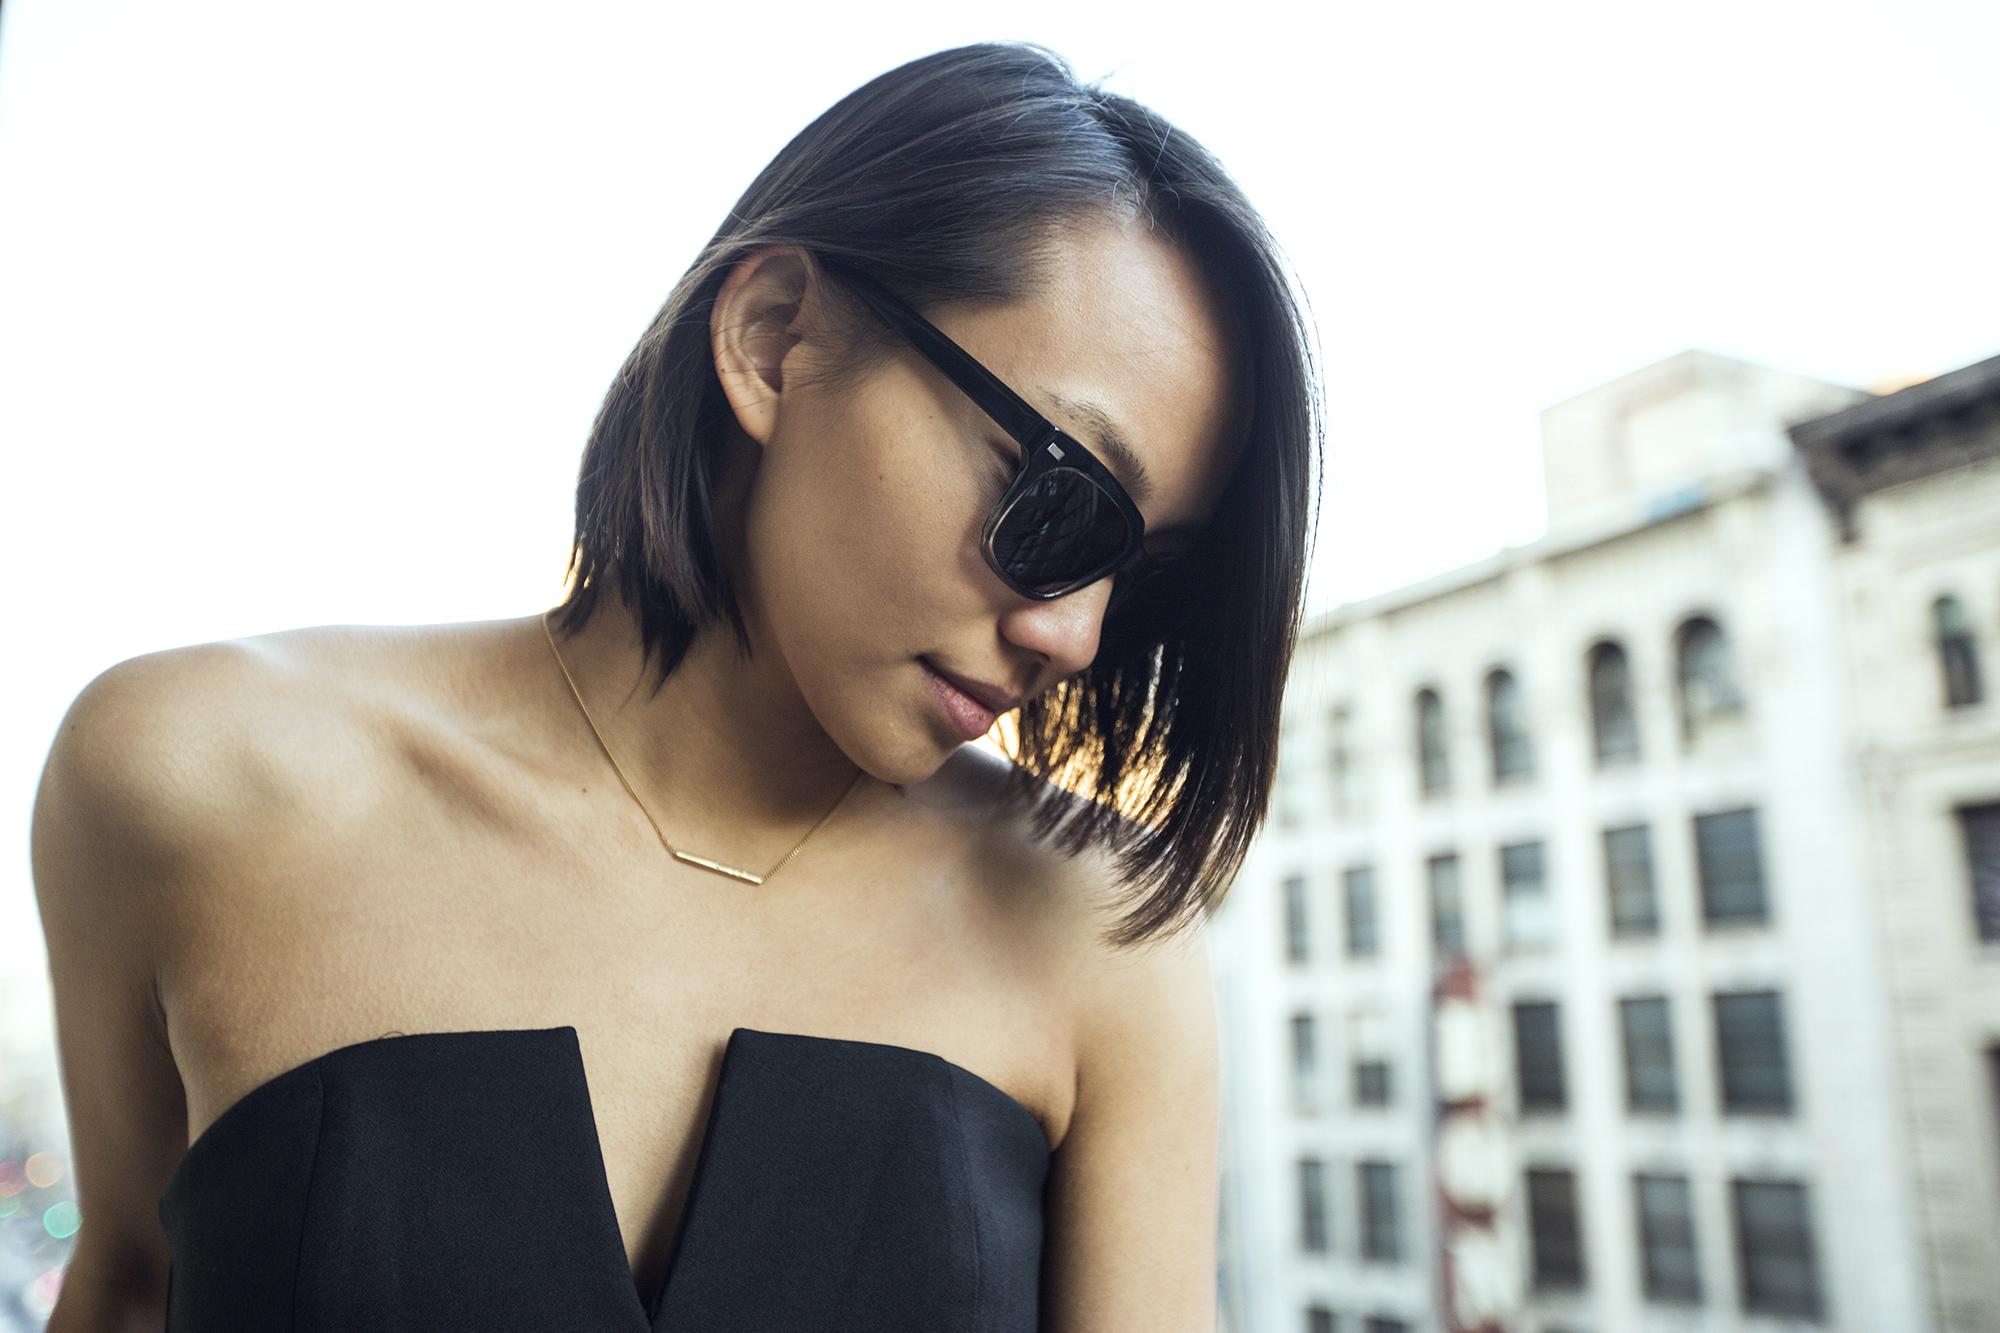 RYAN FENG JUSTFENG PHOTOGRAPHY HEYYEHBLOG FASHION OOTD